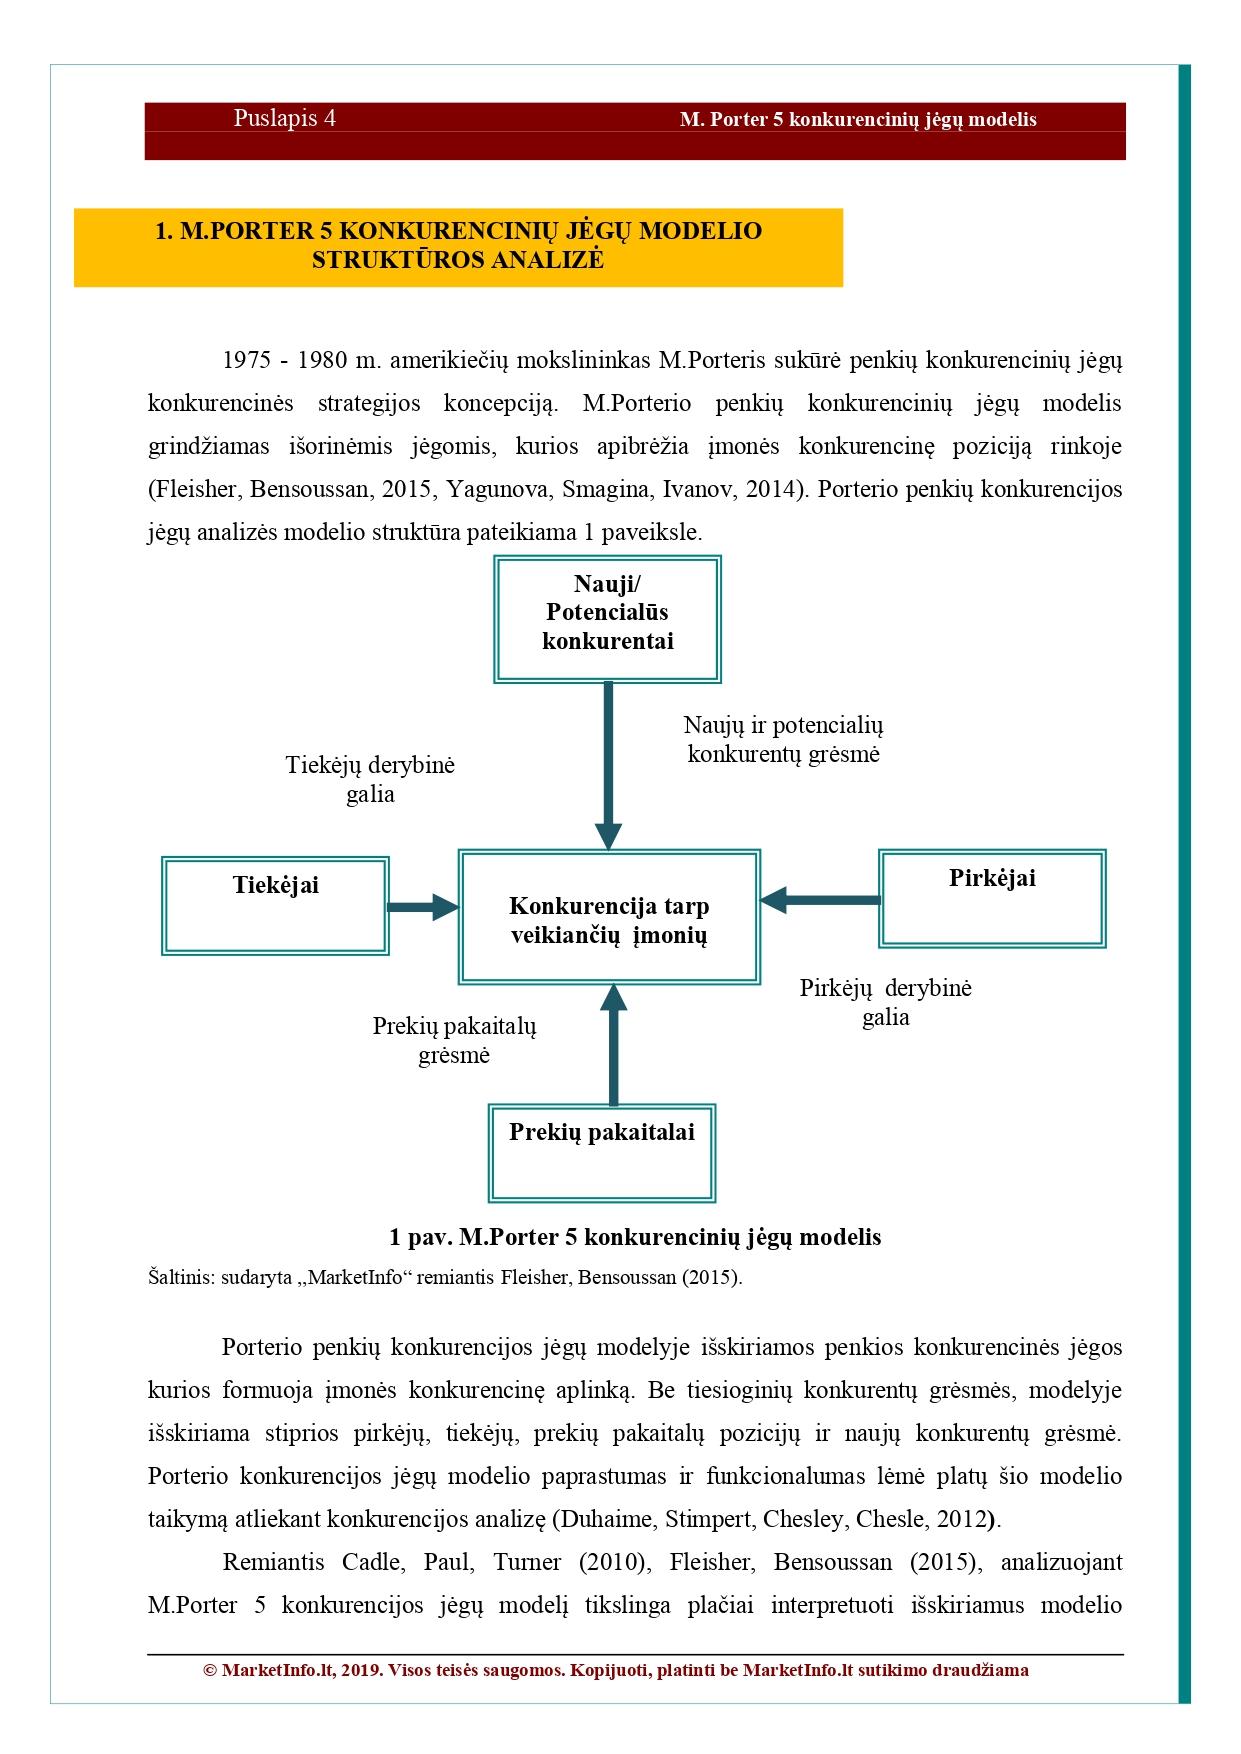 pagrindinės konkurencijos užsienio rinkose strategijos galimybės)